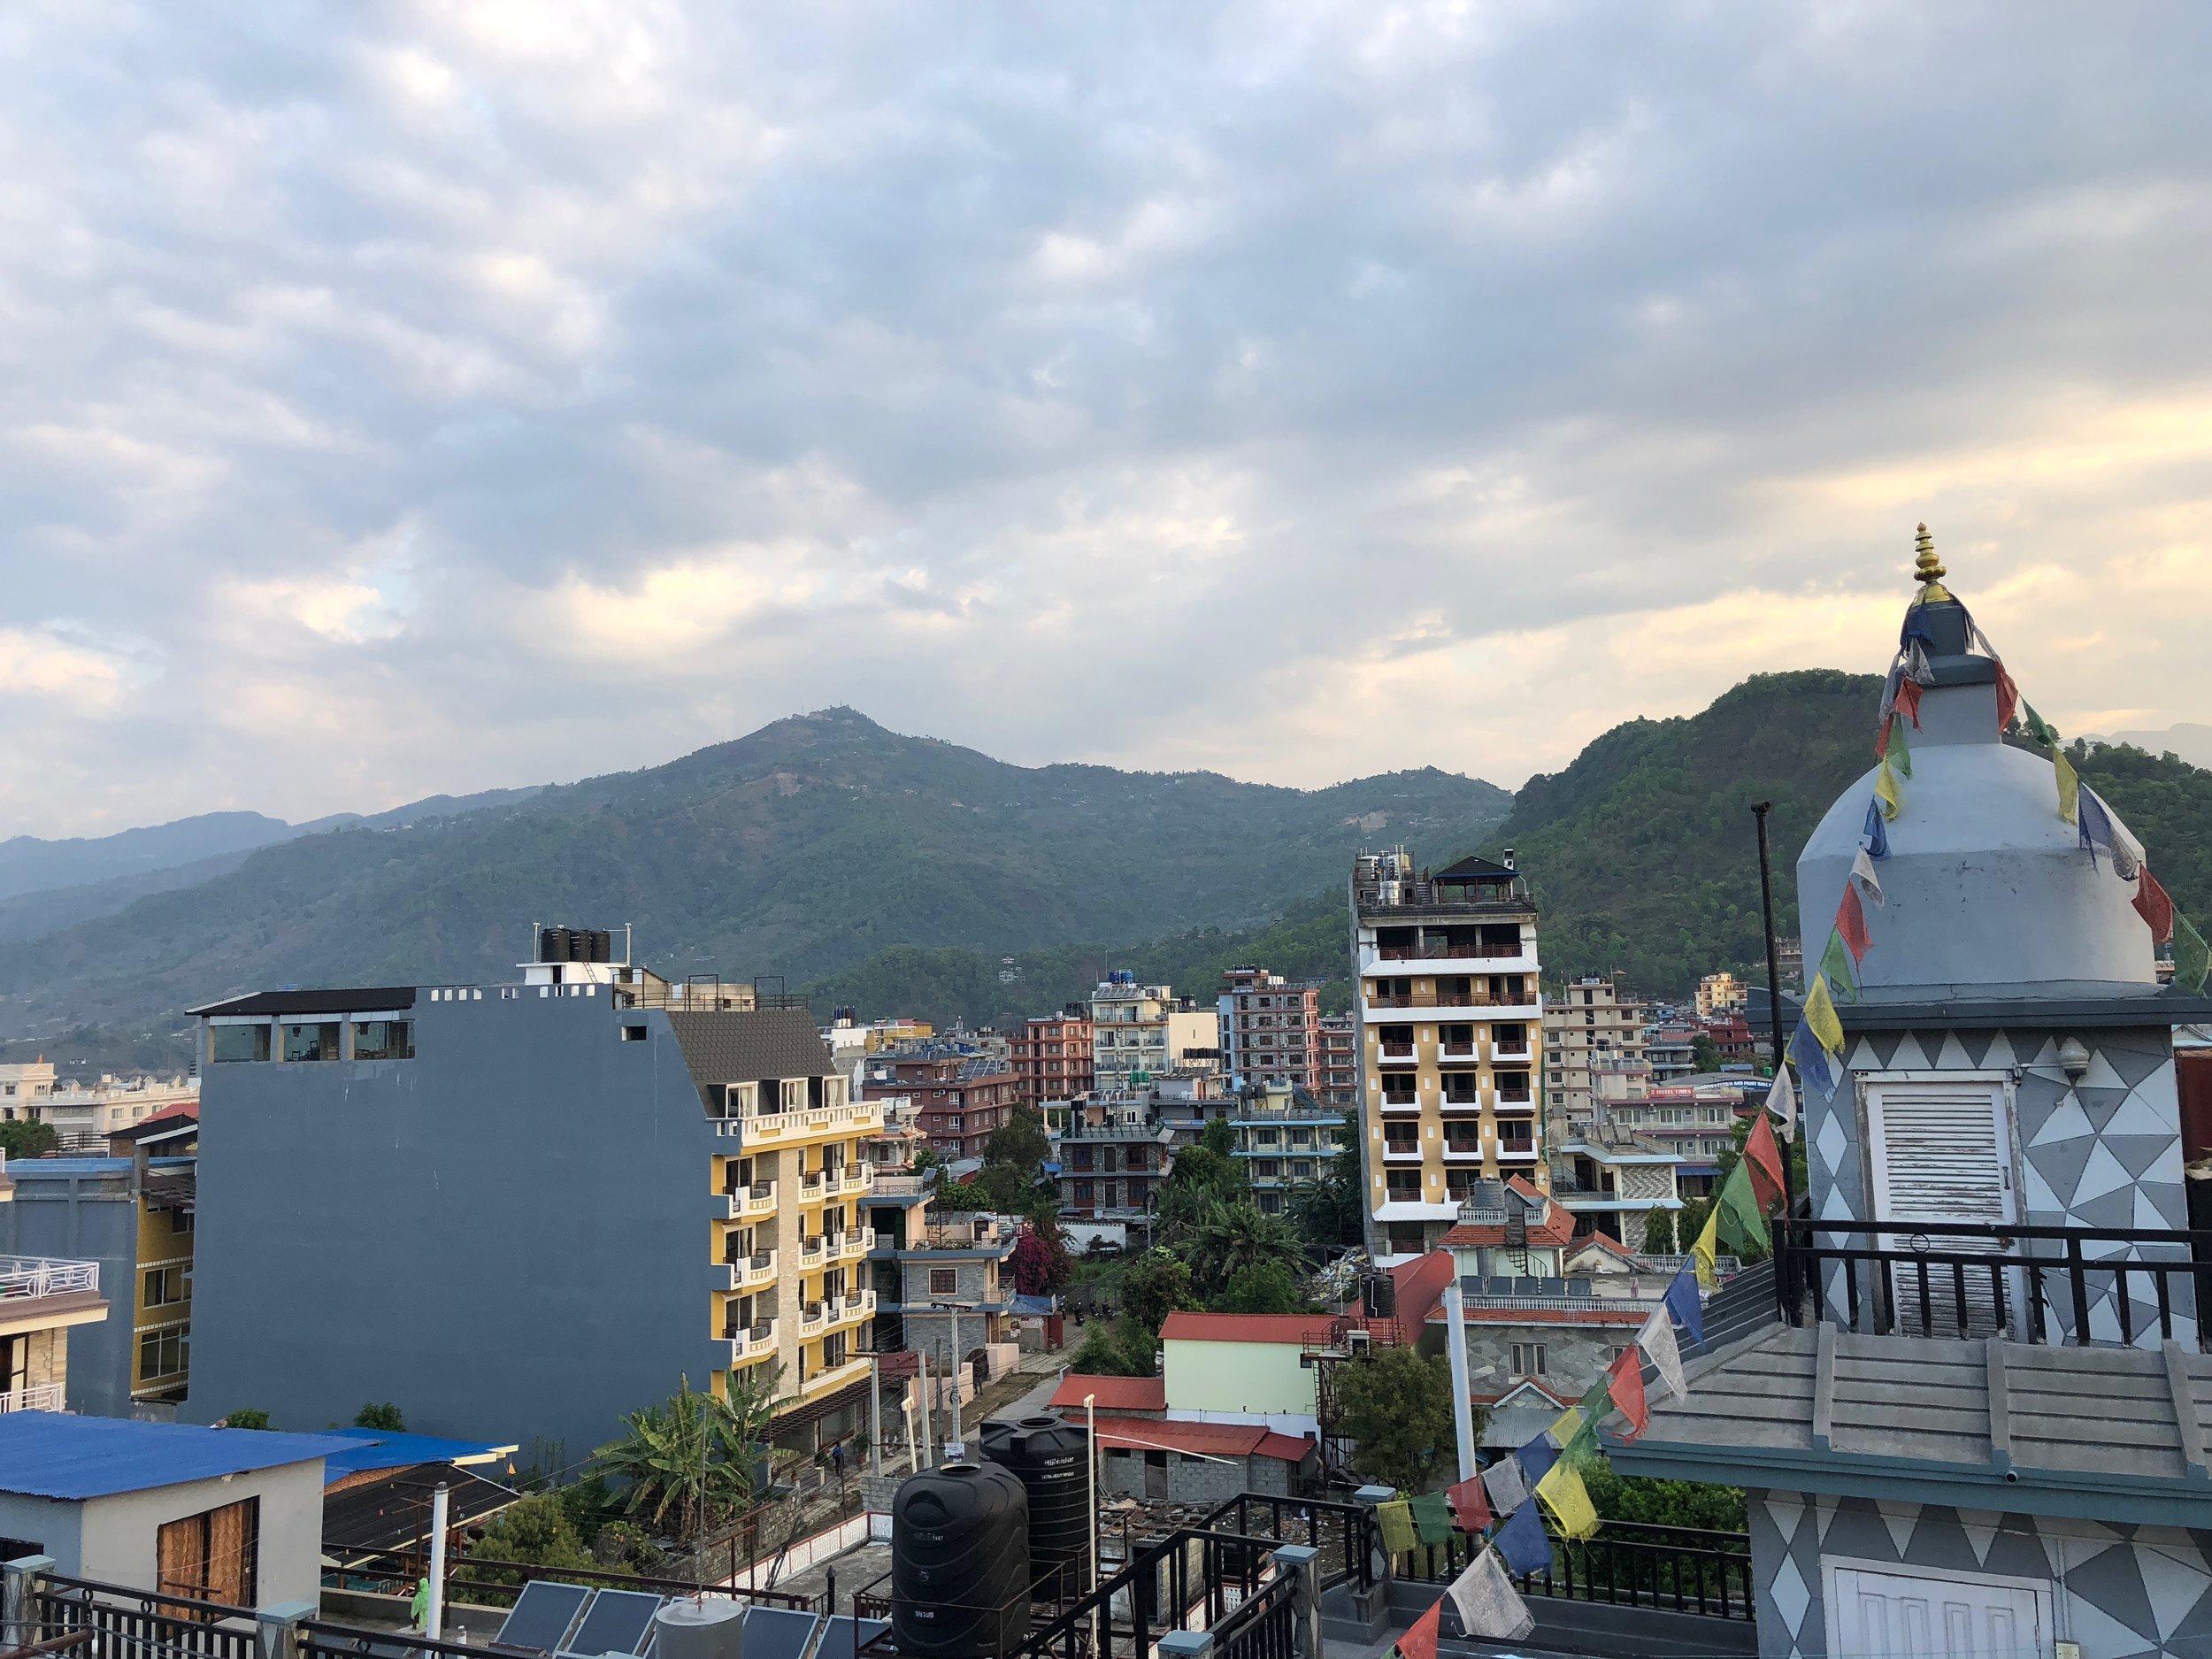 hotel-view 2.jpg